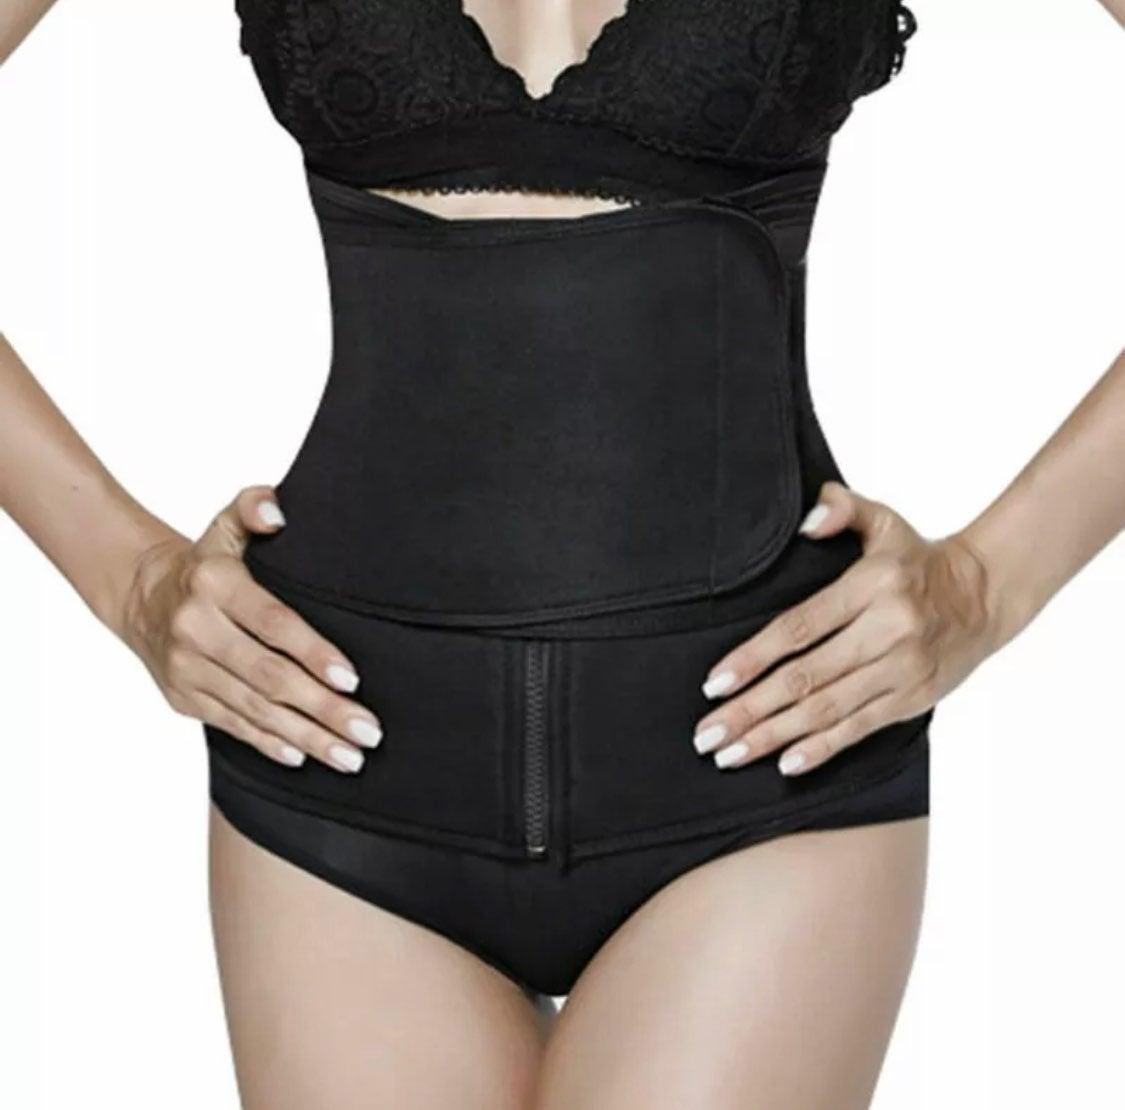 Fajas Colombianas Body Shaper Slim Wrap